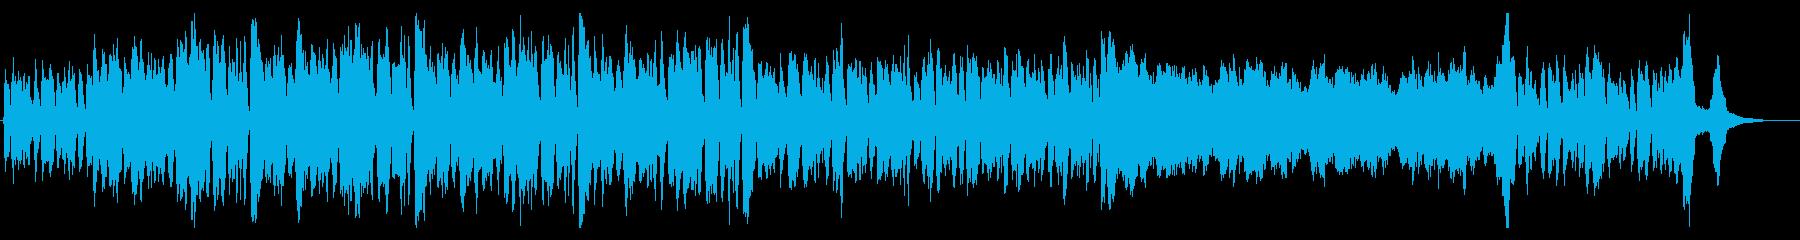 オーケストラ 重厚で緊迫した雰囲気の再生済みの波形